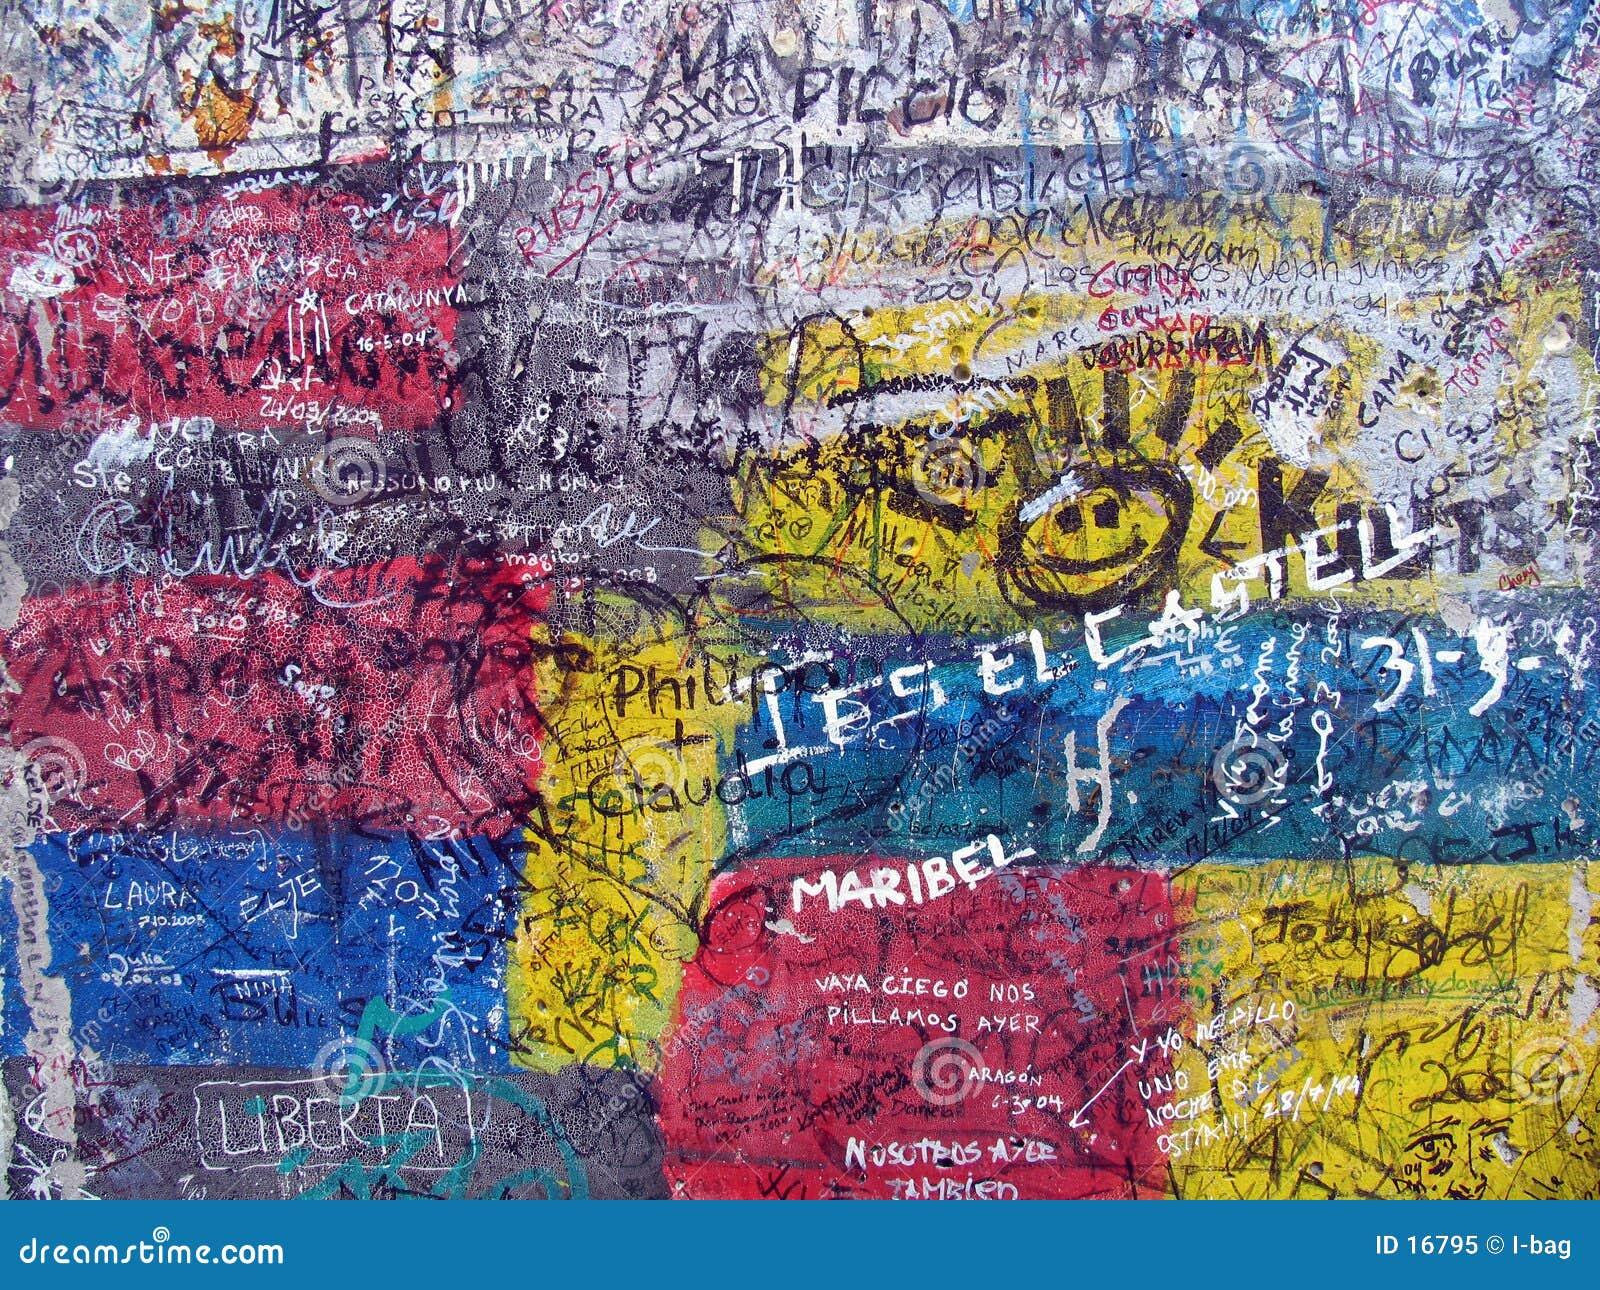 Graffiti on old Berlin Wall